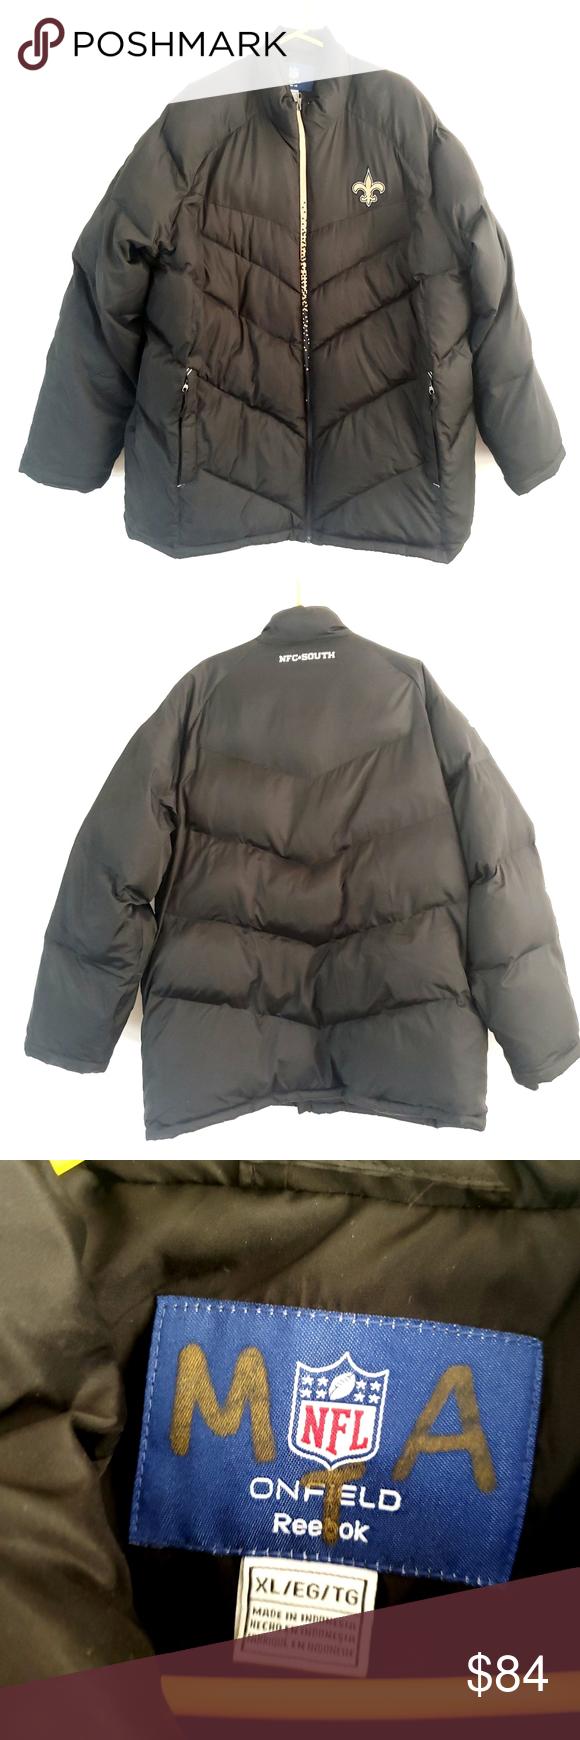 Reebok On Field New Orleans Saints Puffer Jacket Jackets Puffer Jackets Puffer Parka Jacket [ 1740 x 580 Pixel ]